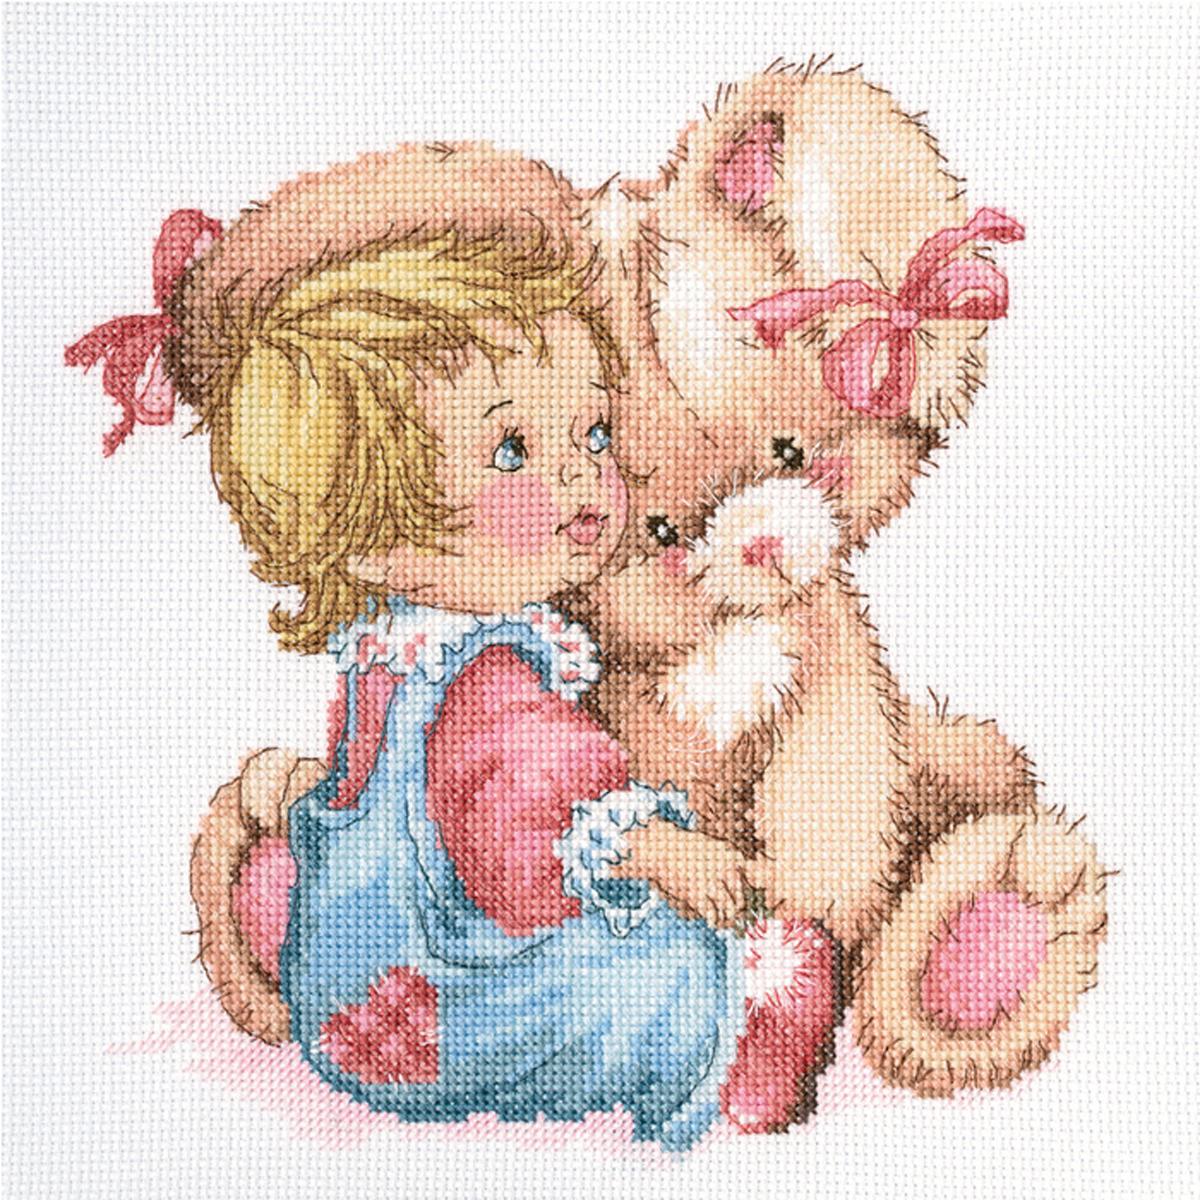 Набор для вышивания крестом RTO Ласковый зайка, 20 х 21 см набор для вышивания крестом rto котенок с подарком 10 х 10 см